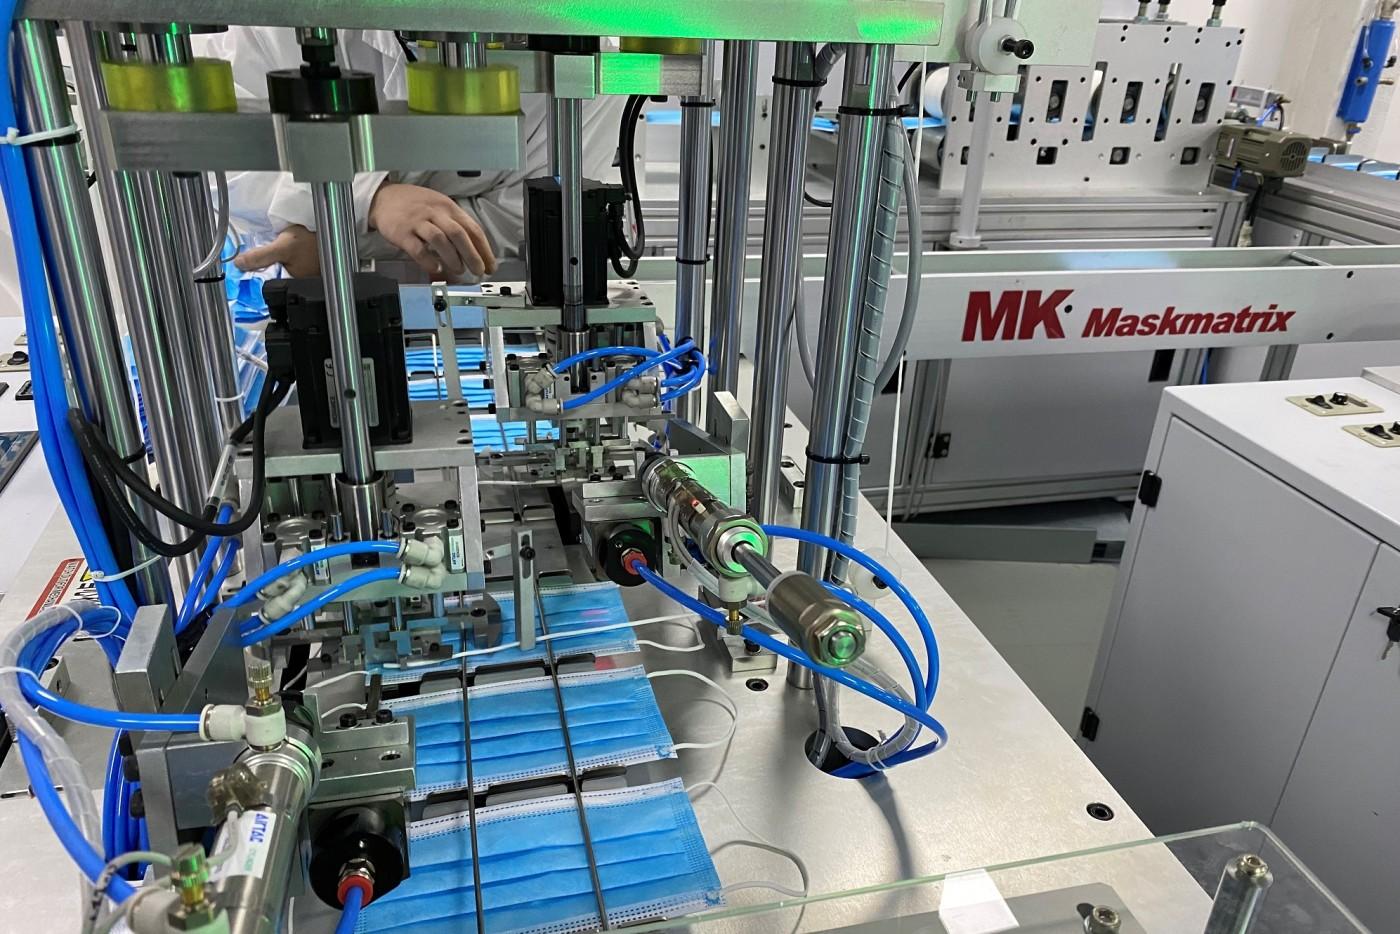 ハイデルベルグのパートナーで筆頭株主のマスターワーク MK 社は、2月末に MK ヘルス社( MK healthy Co., Ltd )を設立し、サプライチェーン全体を含めた医療用使い捨てマスクの製造に乗り出した